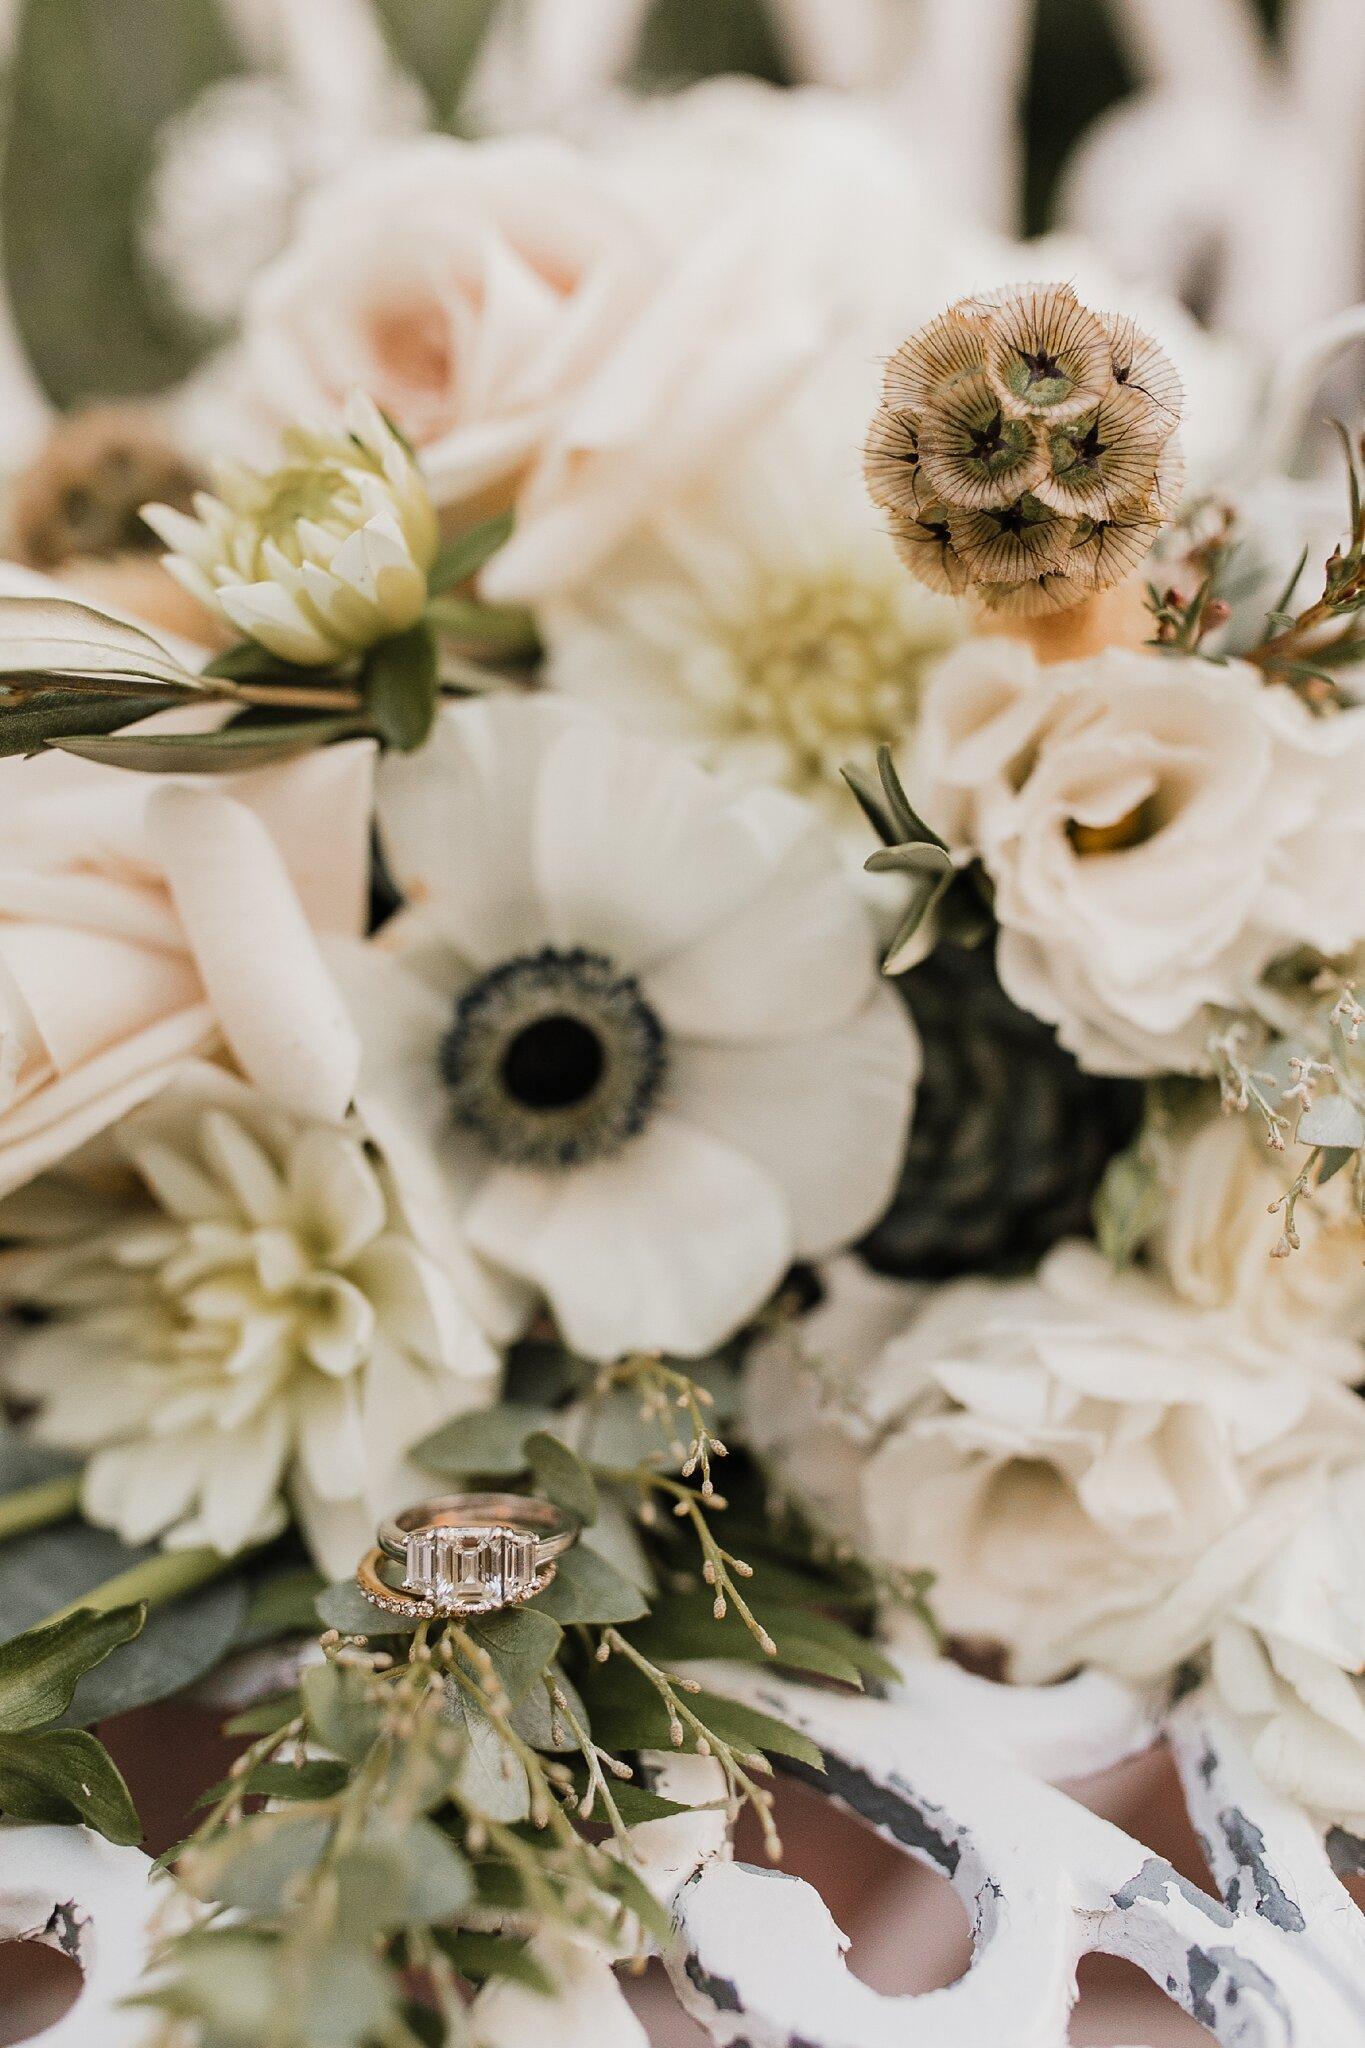 Alicia+lucia+photography+-+albuquerque+wedding+photographer+-+santa+fe+wedding+photography+-+new+mexico+wedding+photographer+-+new+mexico+wedding+-+wedding+-+albuquerque+wedding+-+los+poblanos+-+los+poblanos+wedding+-+fall+wedding_0106.jpg